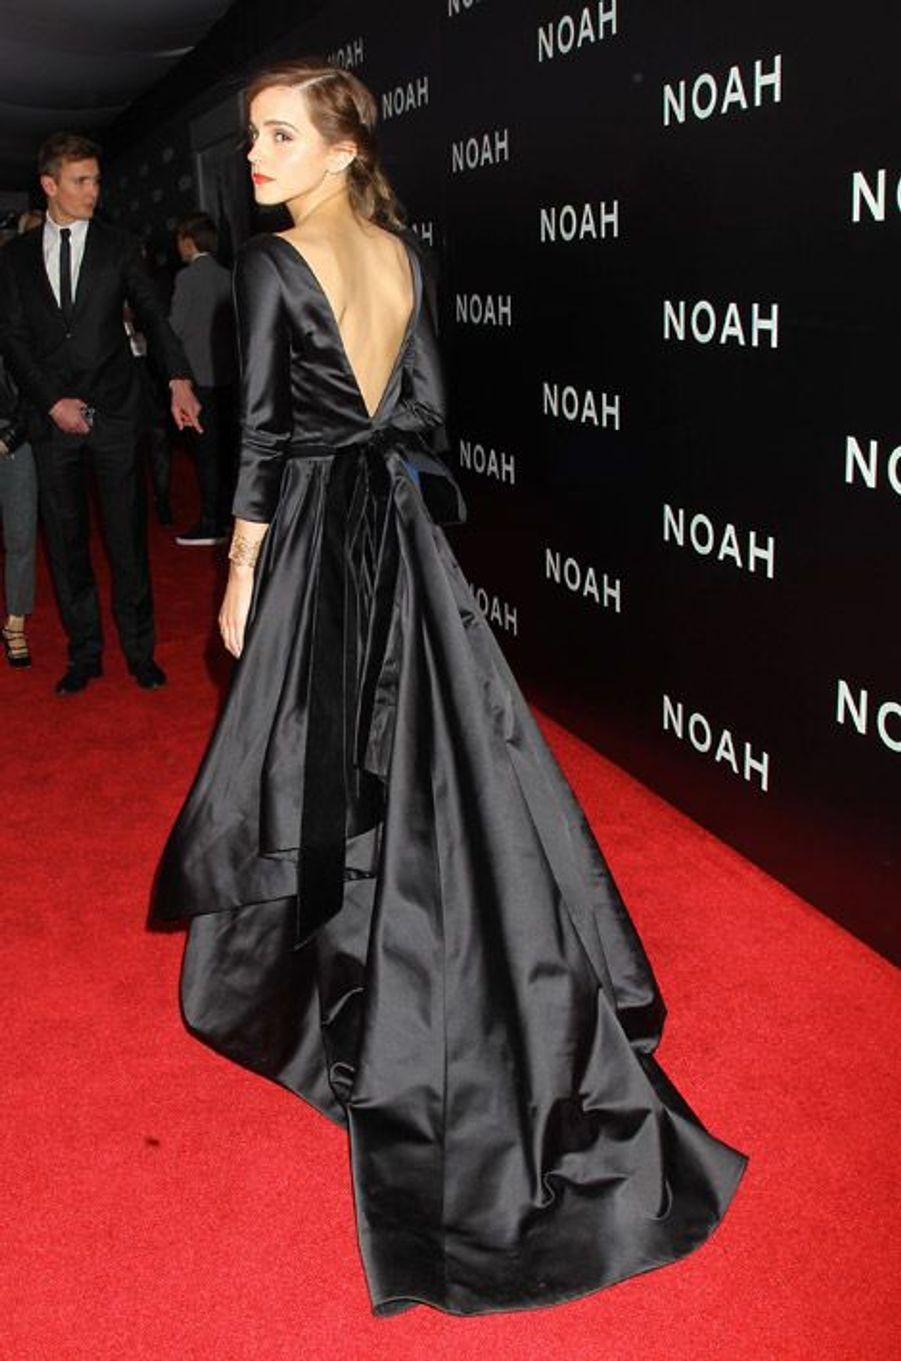 """L'actrice britannique Emma Watson lors de la première du film """"Noah"""" à New York, le 26 mars 2014"""